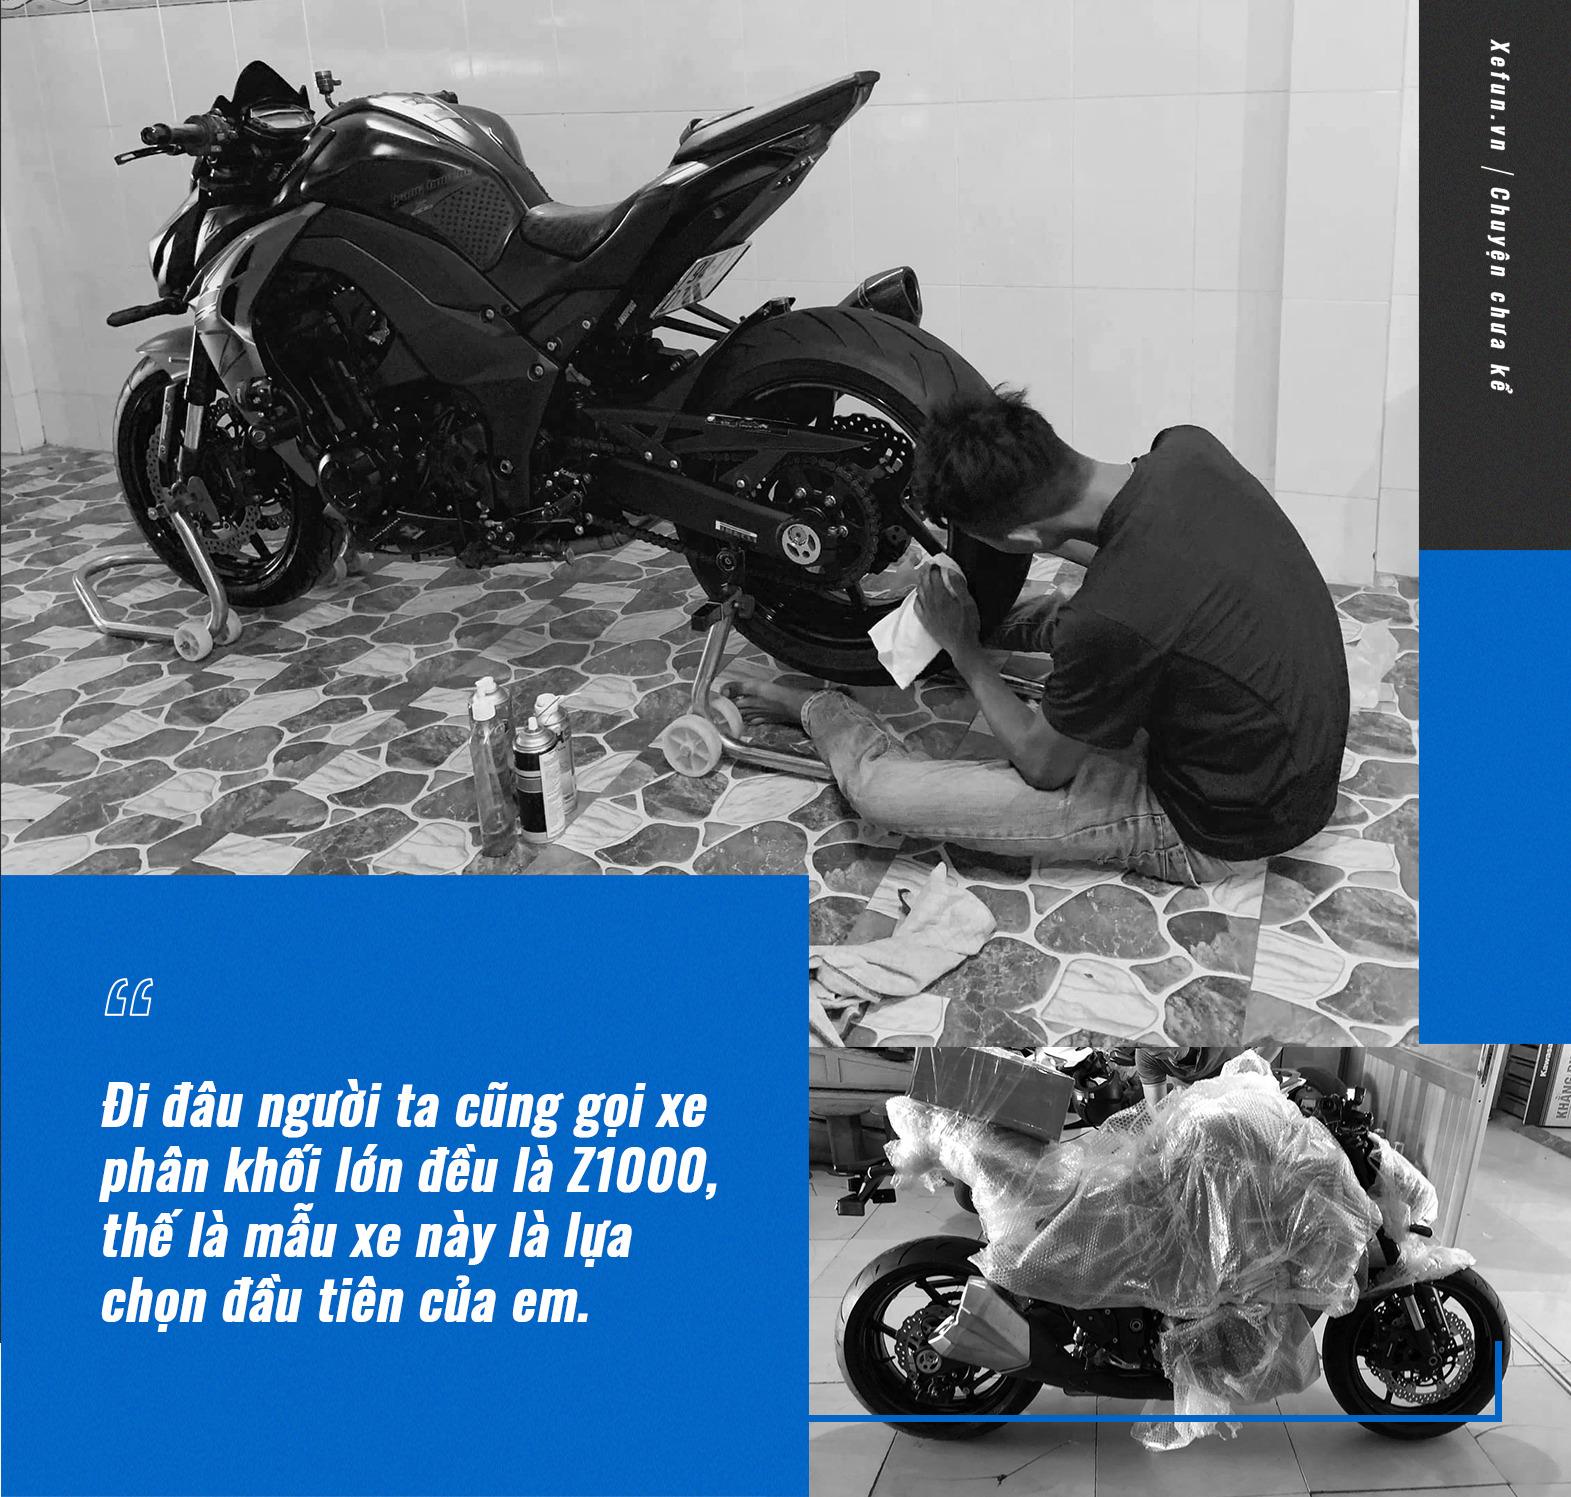 Kỹ-năng-bốc-đầu-Wheelie-và-hành-trình-chưa-kể-của-Trang-Hữu-Lộc-Biker-Phân-khối-lớn-Xefun-_7_